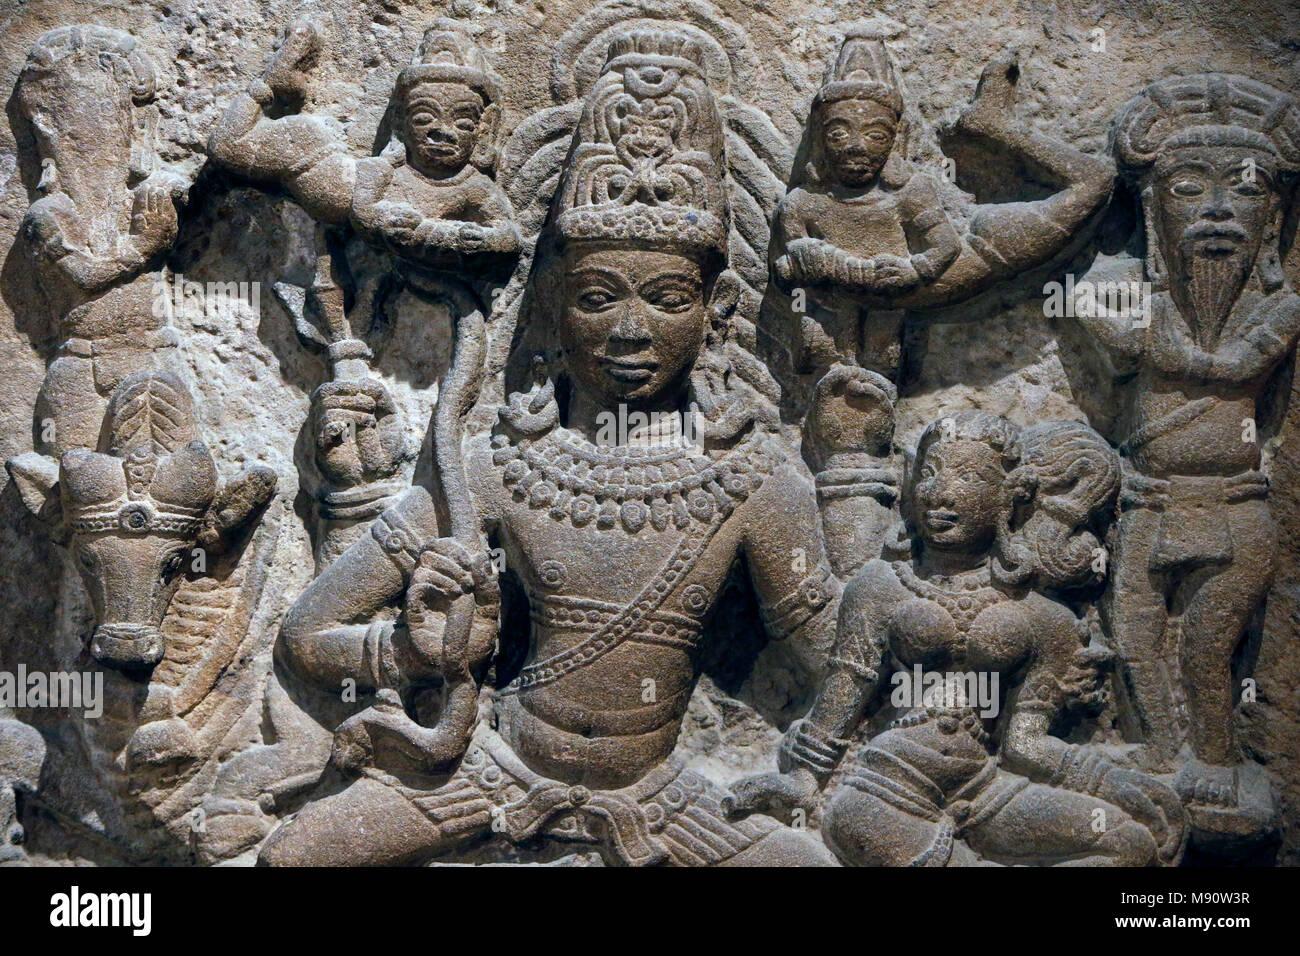 National Museum von Indien, Delhi. Shiva, Parvati und Familie. Frühen westlichen Chalukya, 10. Jahrhundert n. Chr. Aihole, Karnataka. Stein. Detail. Indien. Stockbild